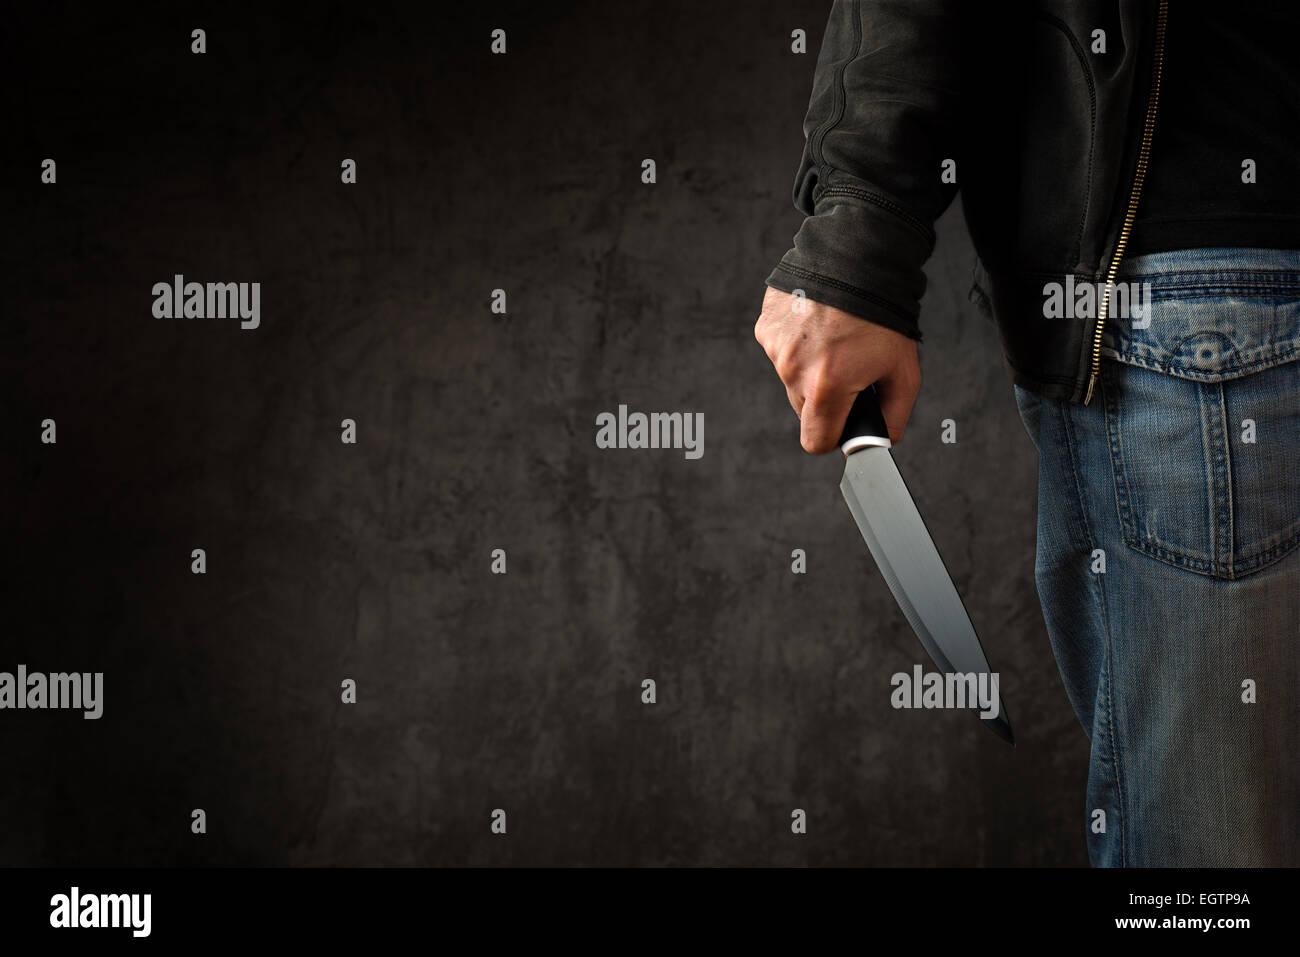 Il male penale con grande coltello affilato pronto per rapina o a commettere un omicidio Foto Stock